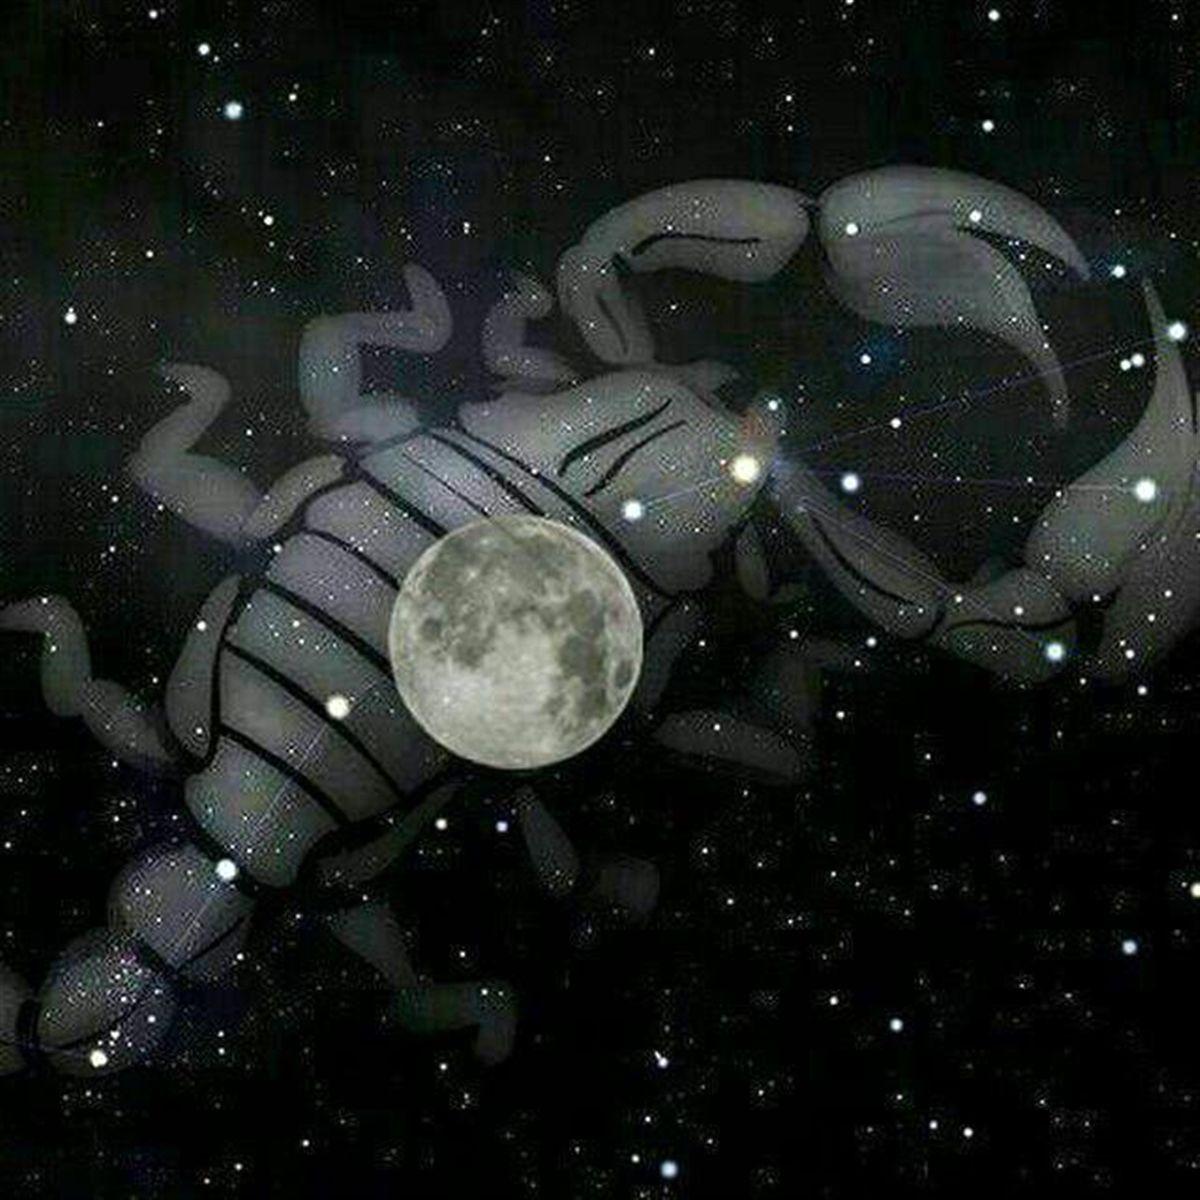 قمر در عقرب چه زمانی رخ میدهد؟